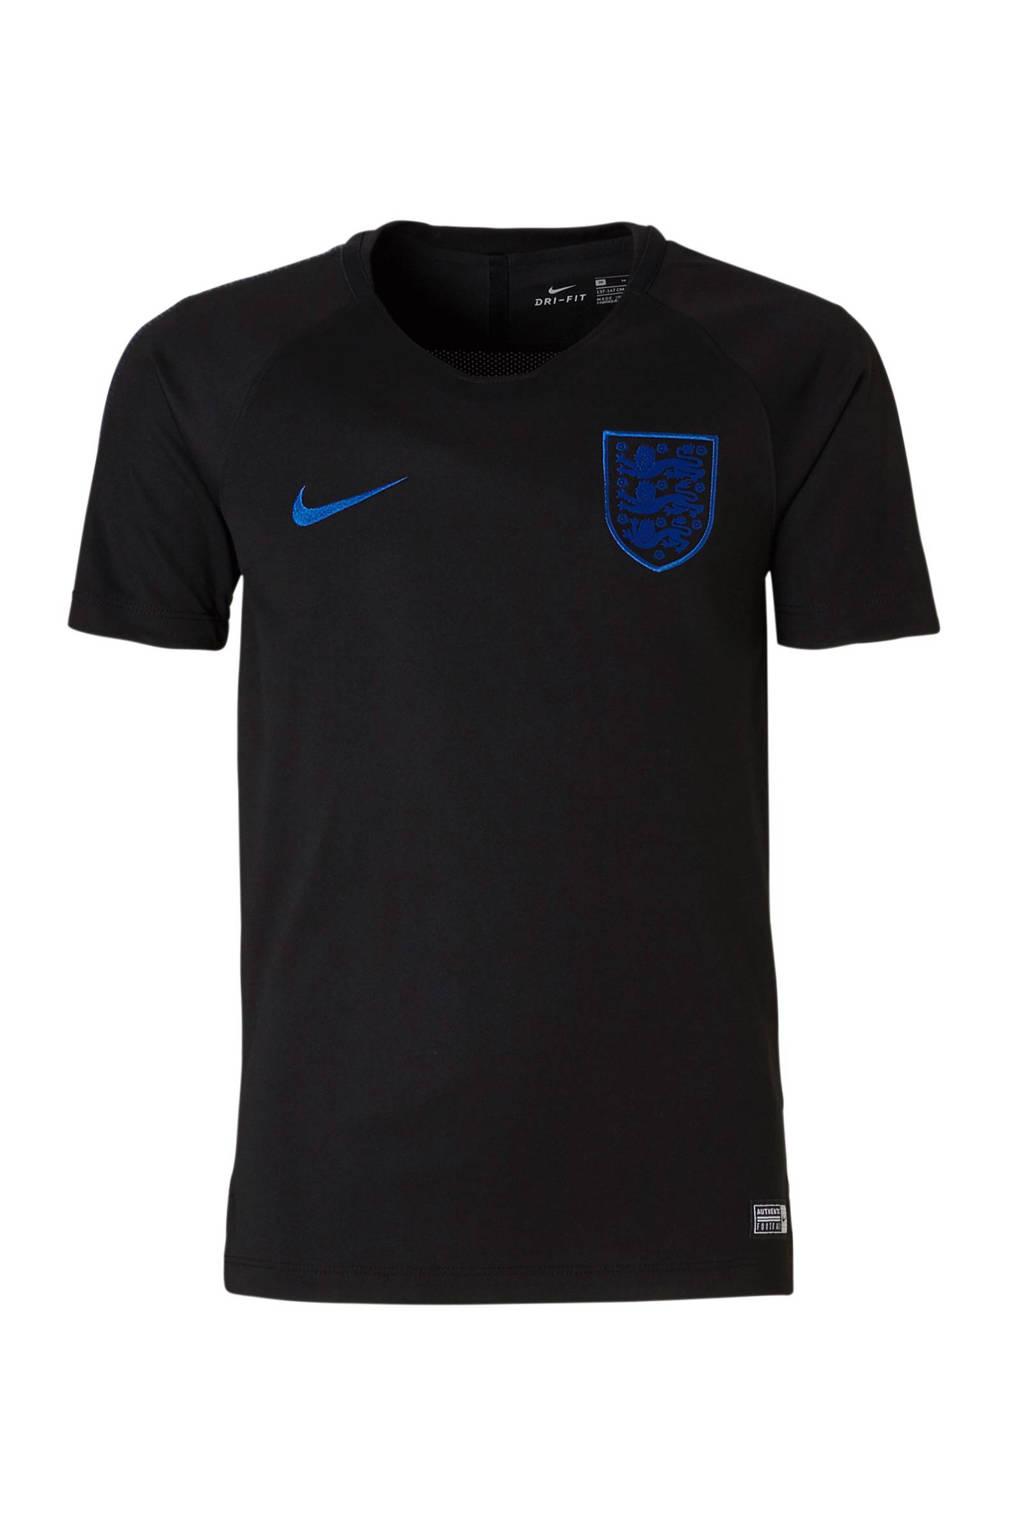 Nike Junior Engeland voetbalshirt, Zwart/blauw